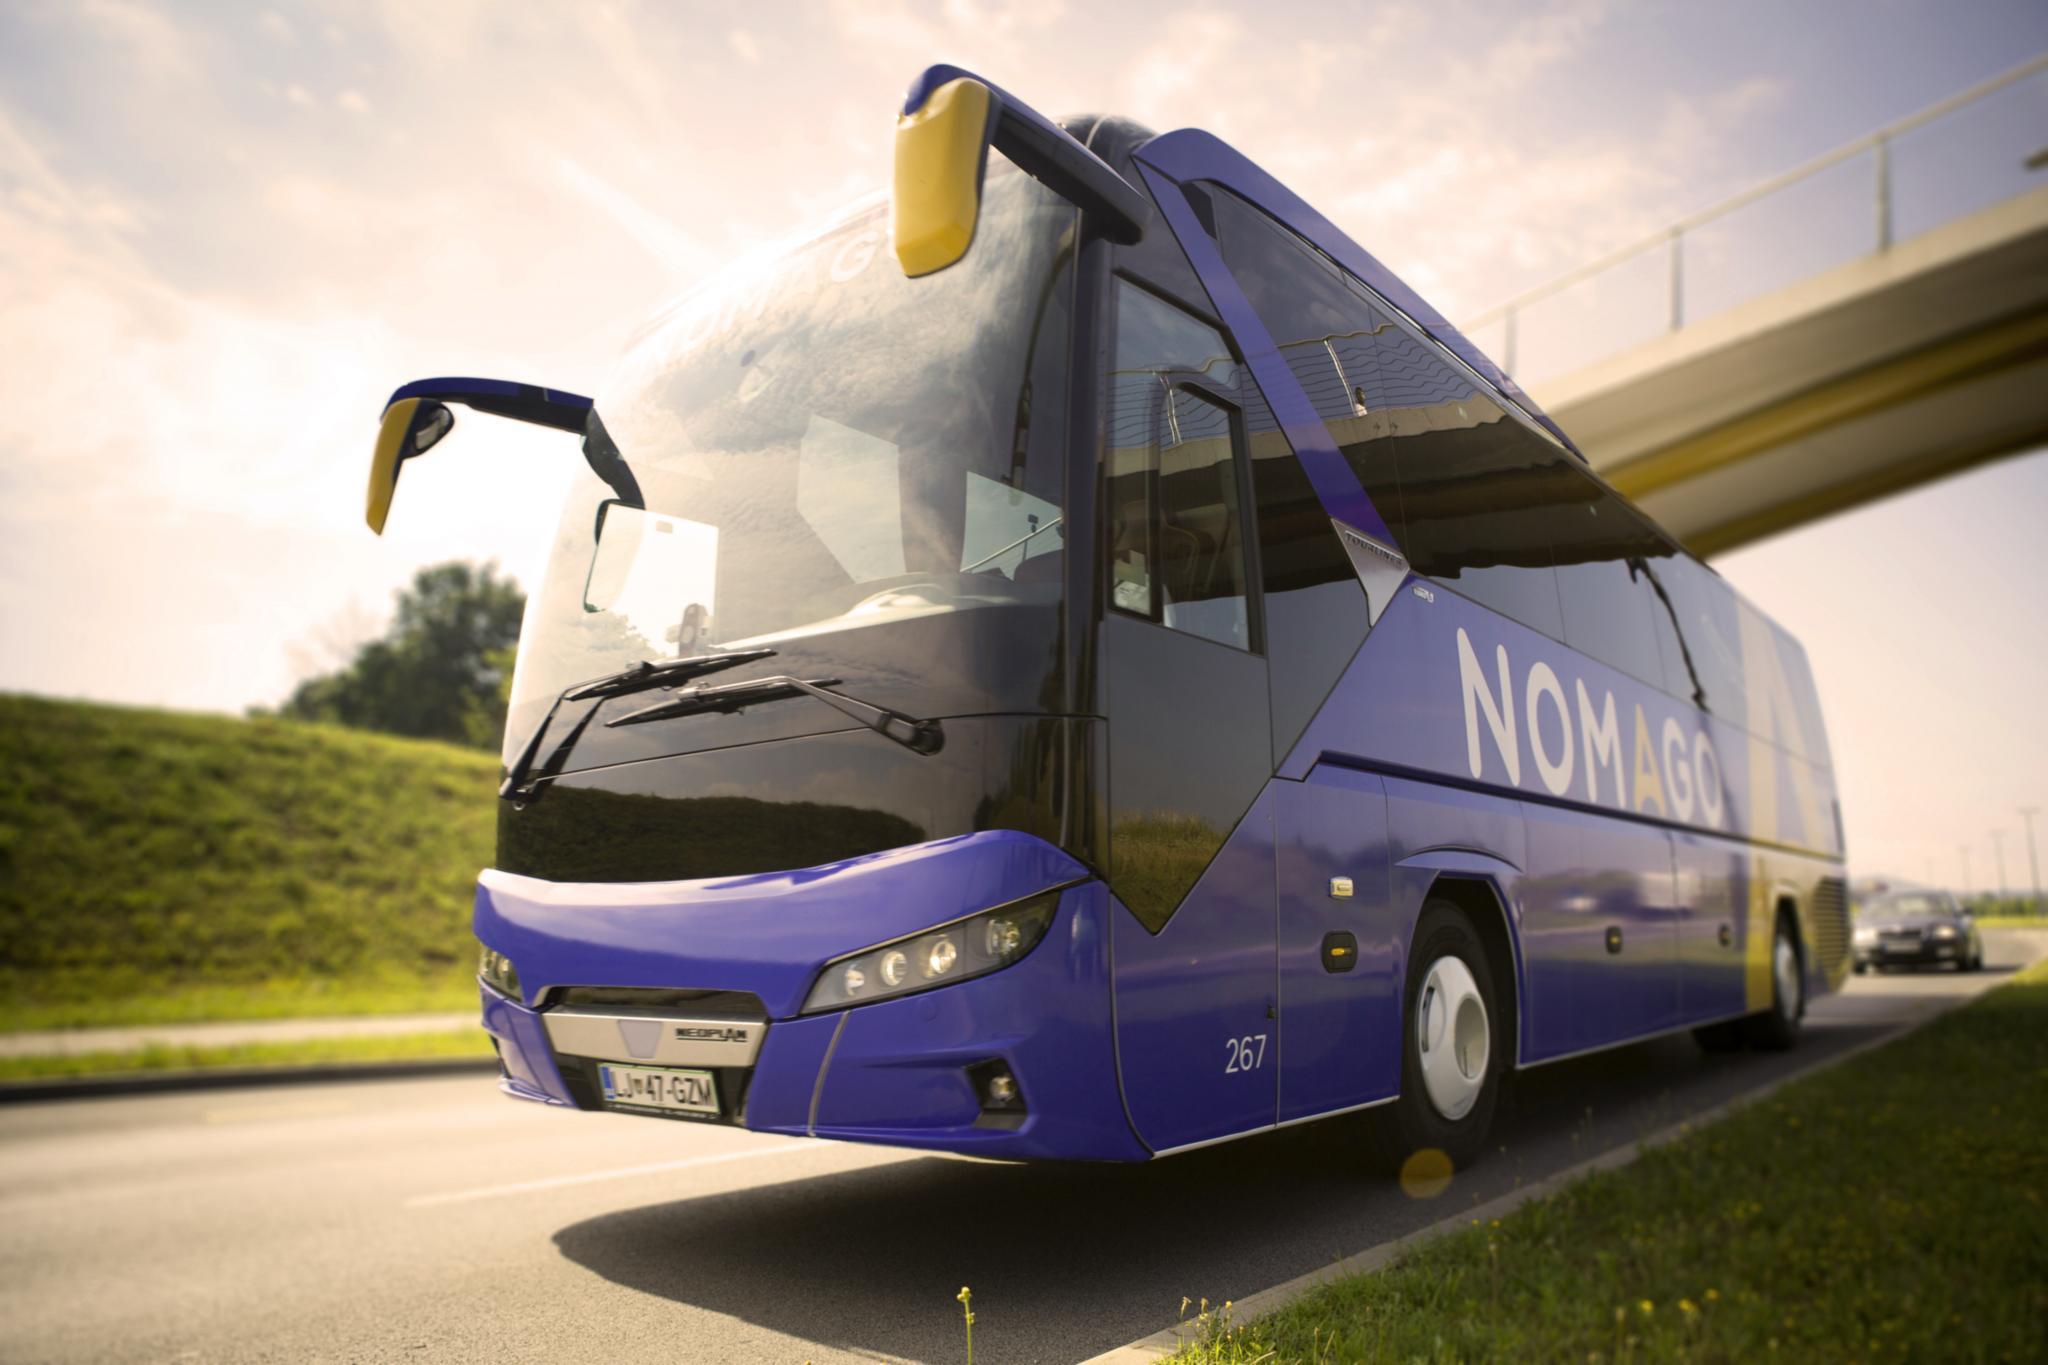 Intercity Nomago Intercity